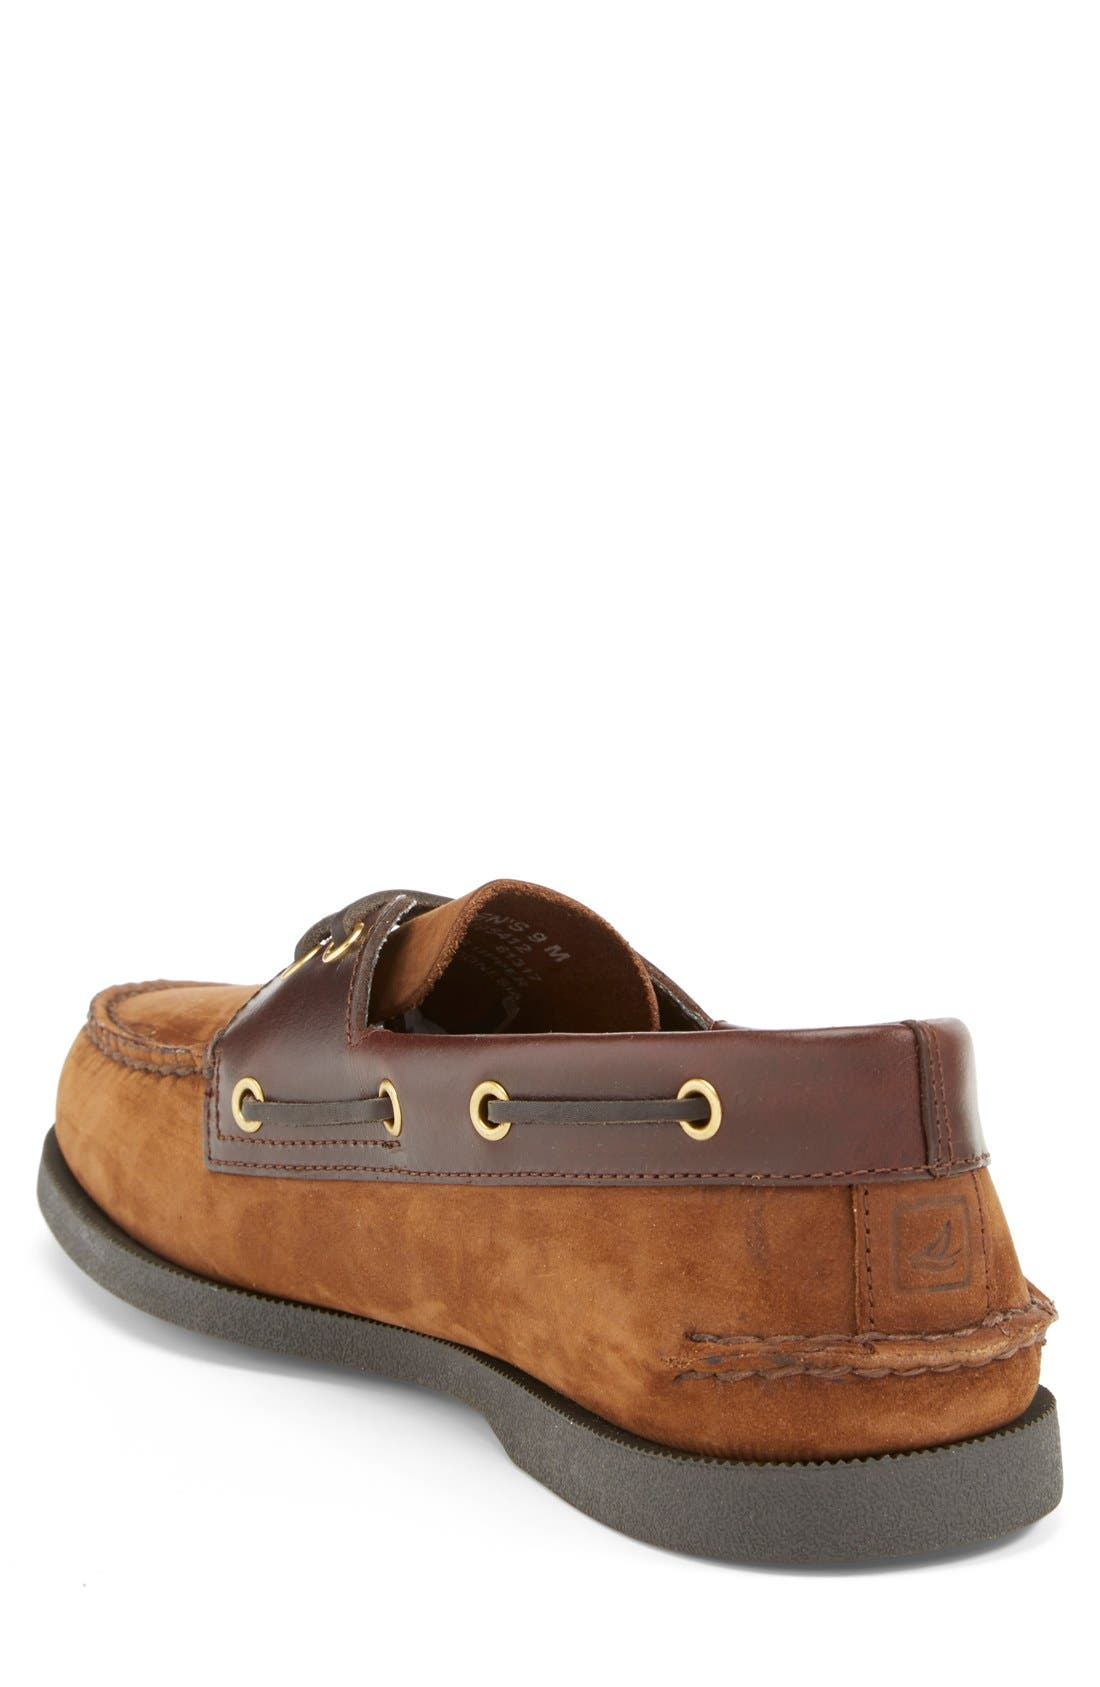 e74b4255db0 Men s Wide Shoes Width C D   Up